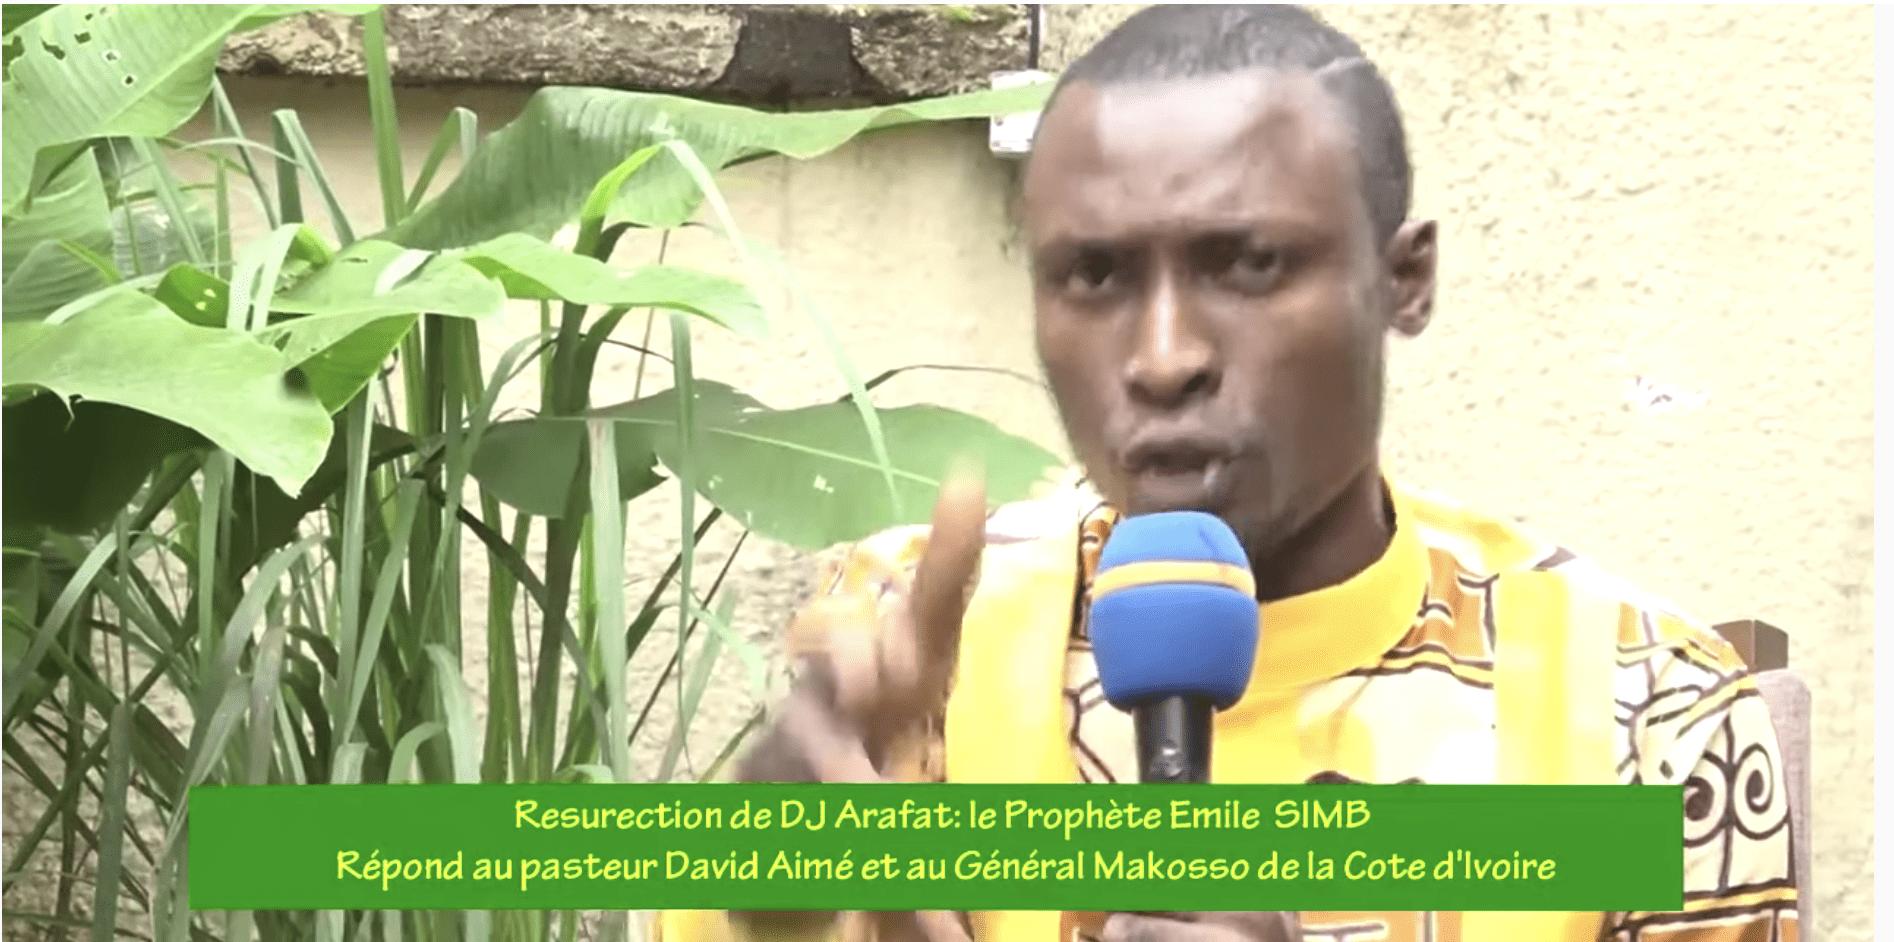 Côte d'Ivoire/ Coronavirus: une importante quantité de drogue saisie pendant le couvre-feu